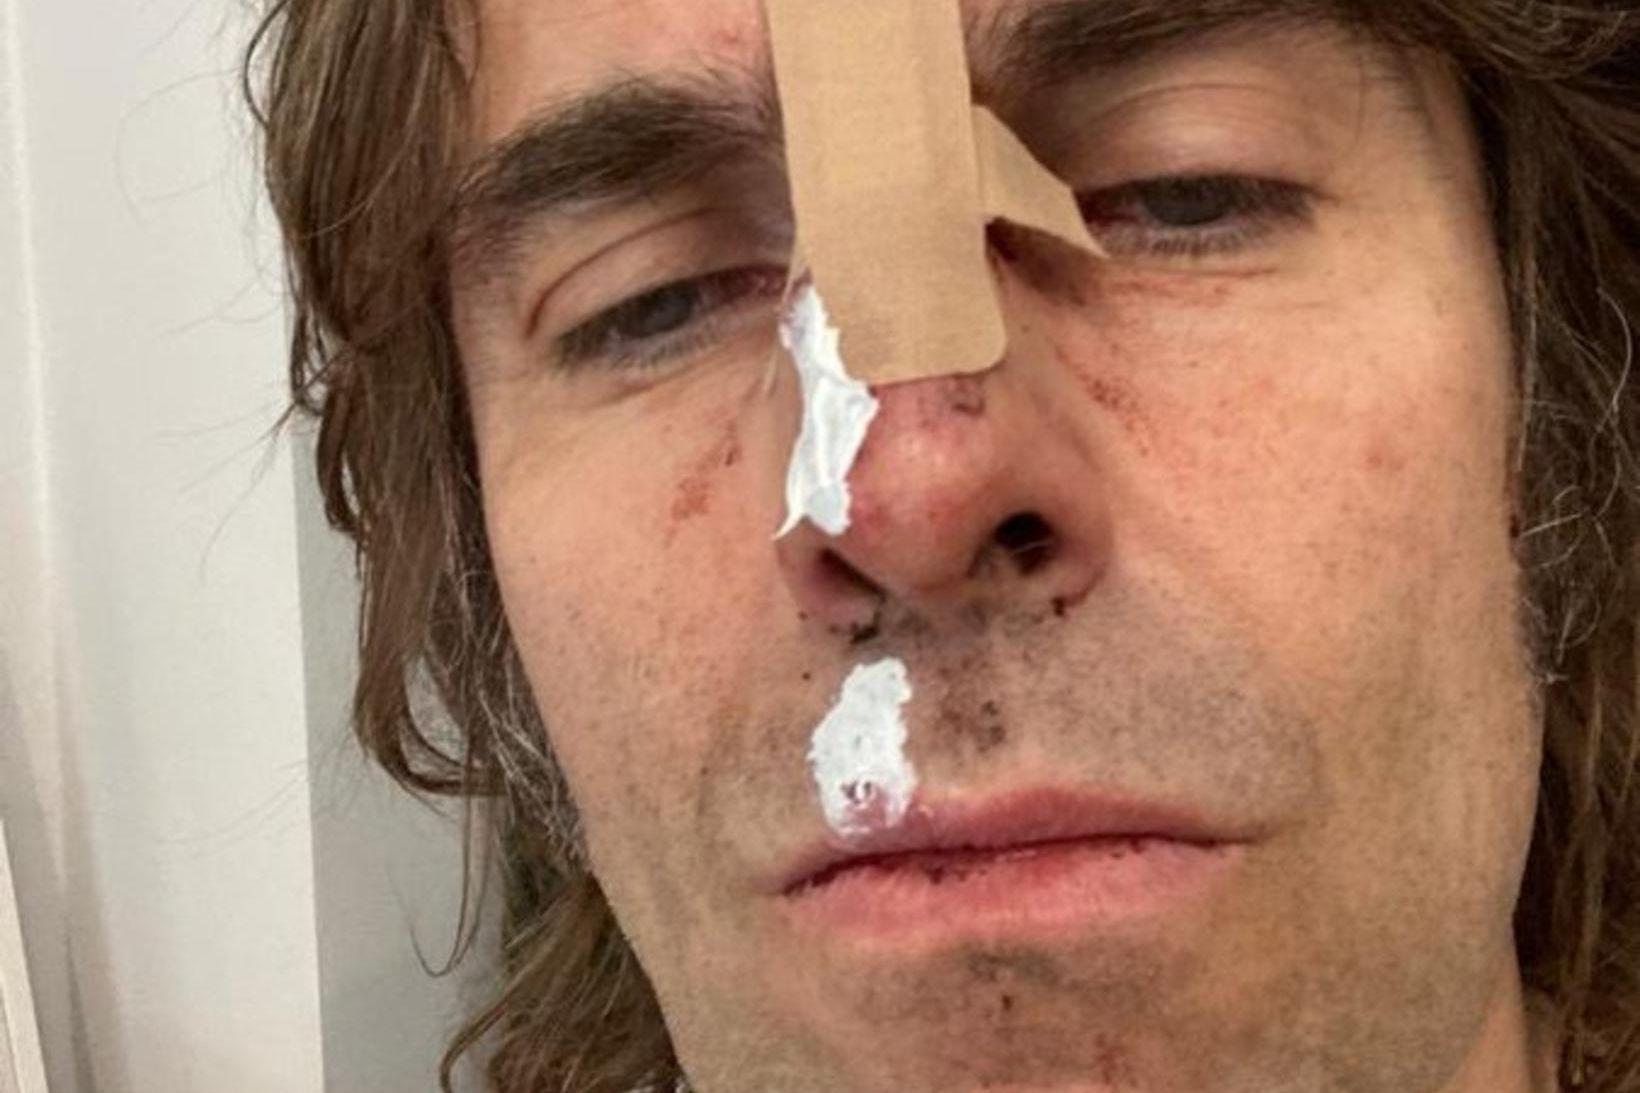 Liam Gallagher, nokkuð lemstraður eftir fallið.